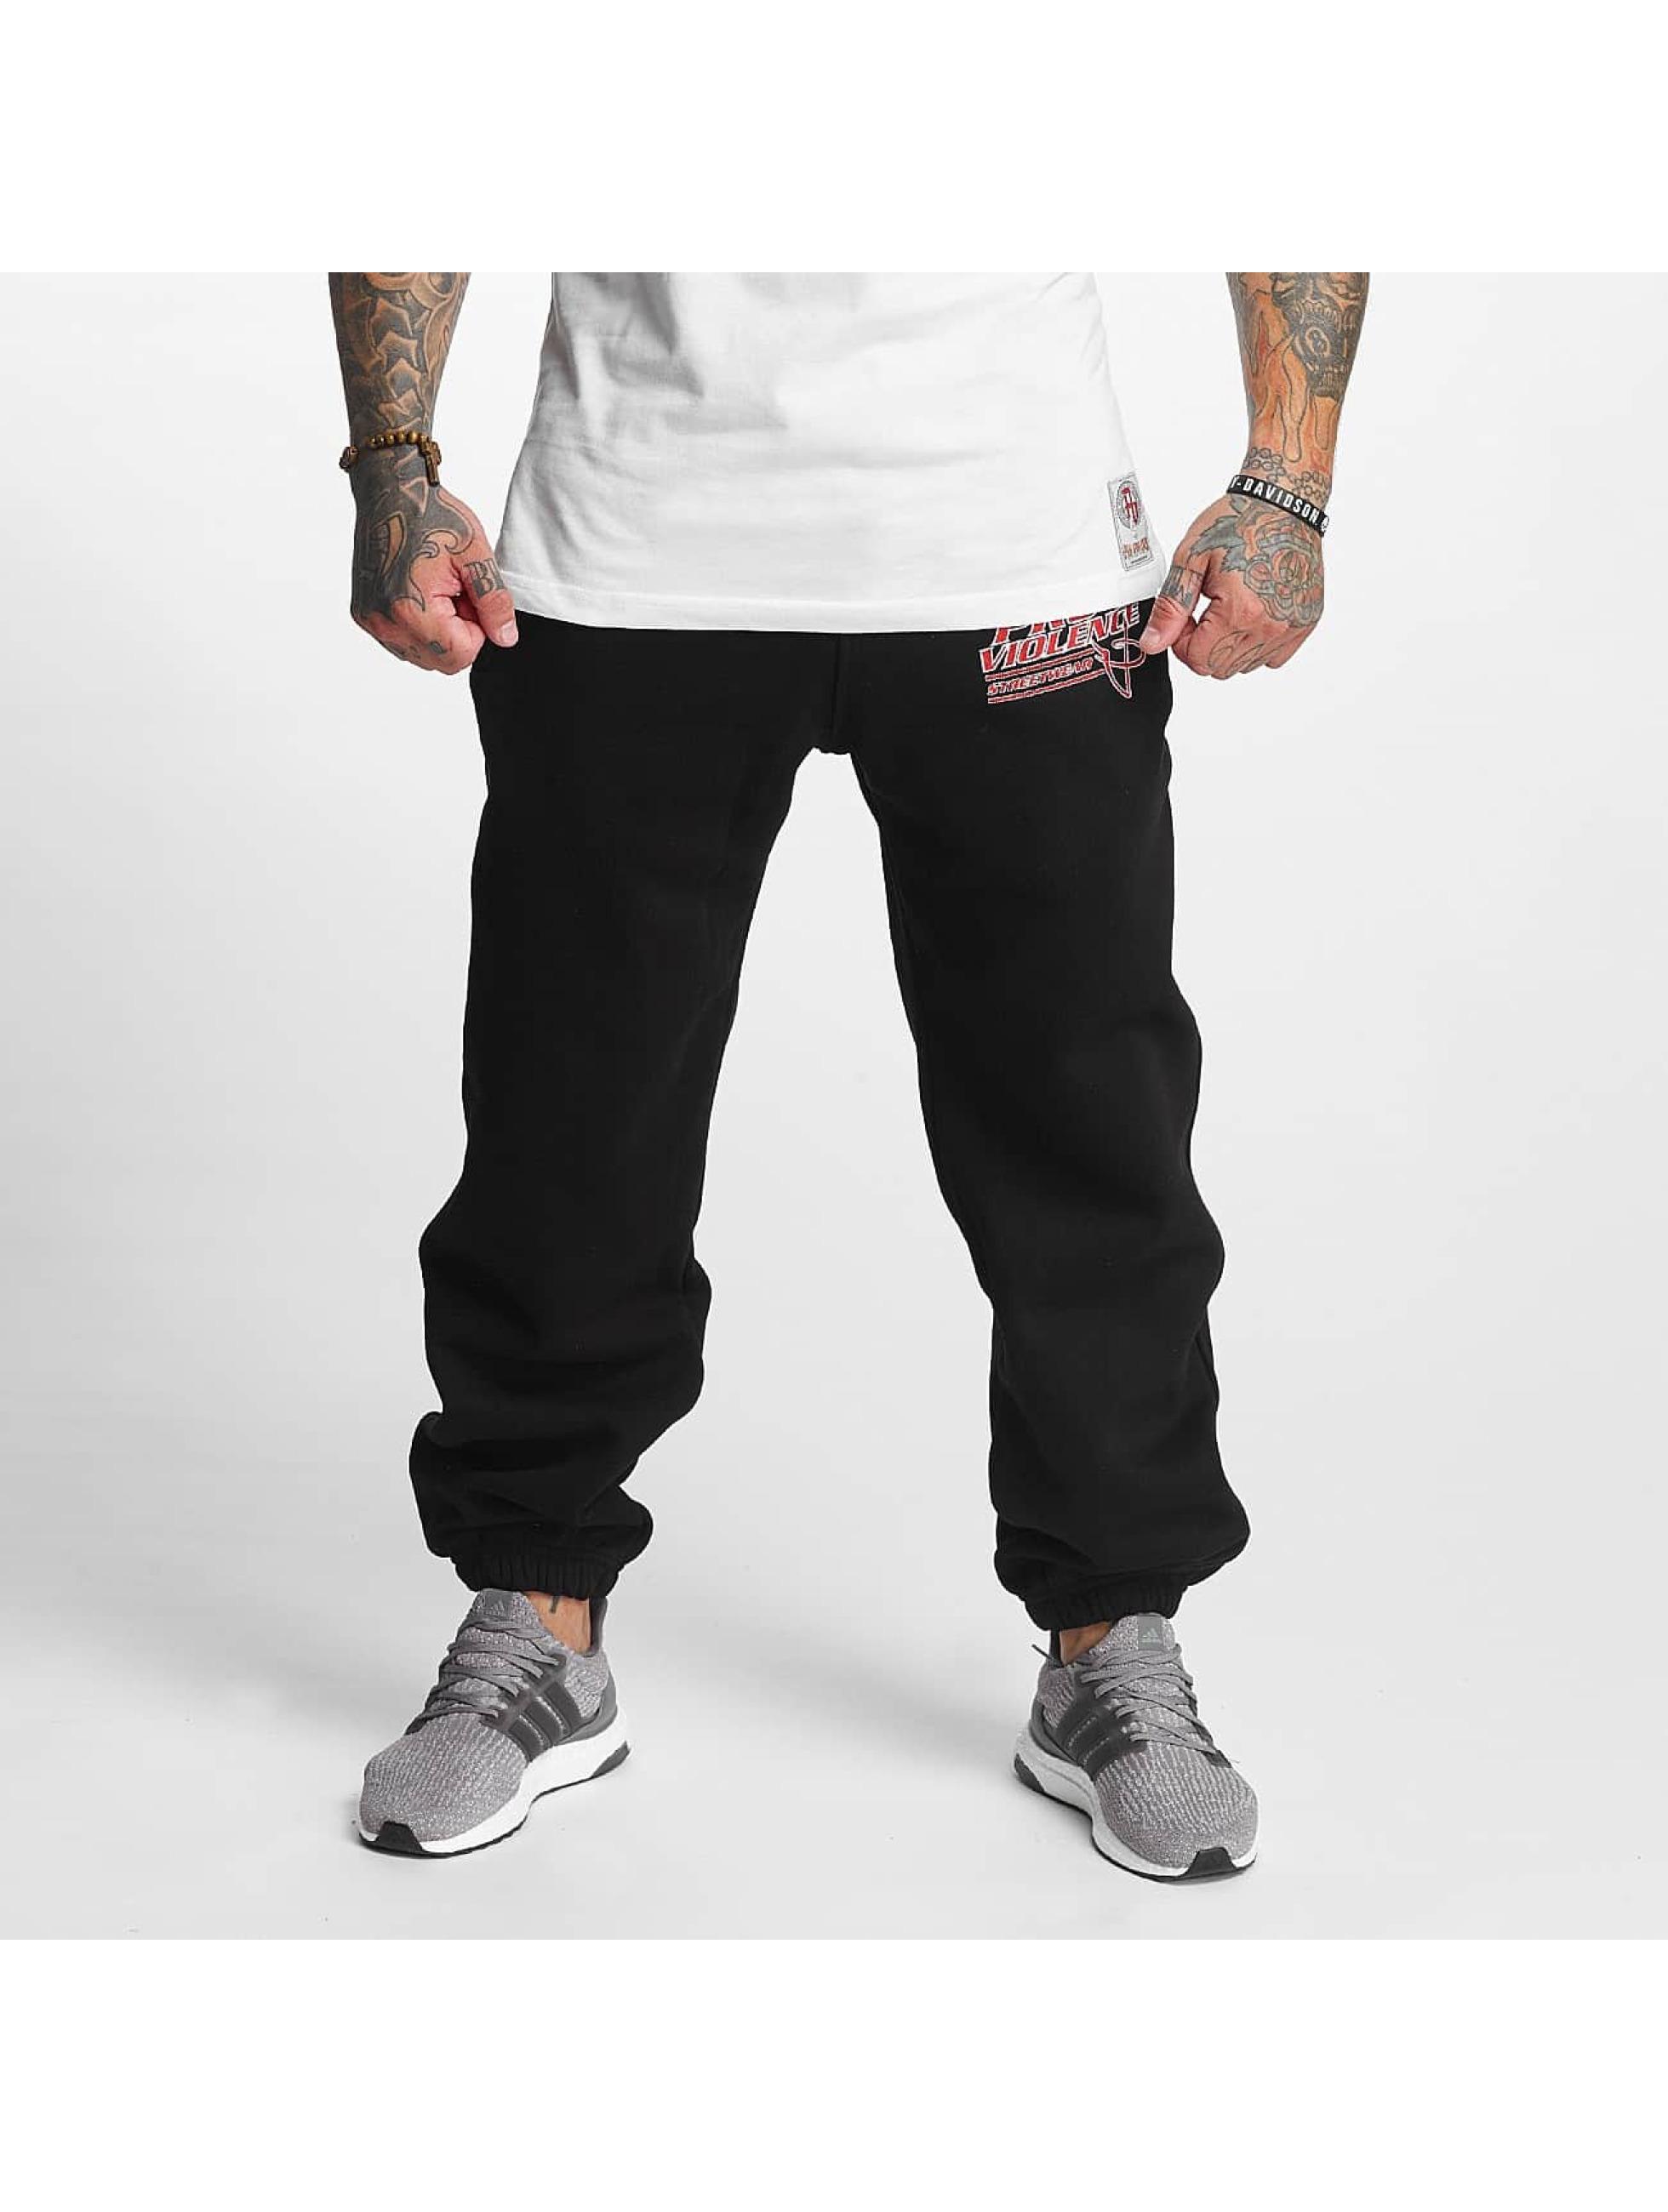 Pro Violence Streetwear Männer Jogginghose Label No. 1 in schwarz